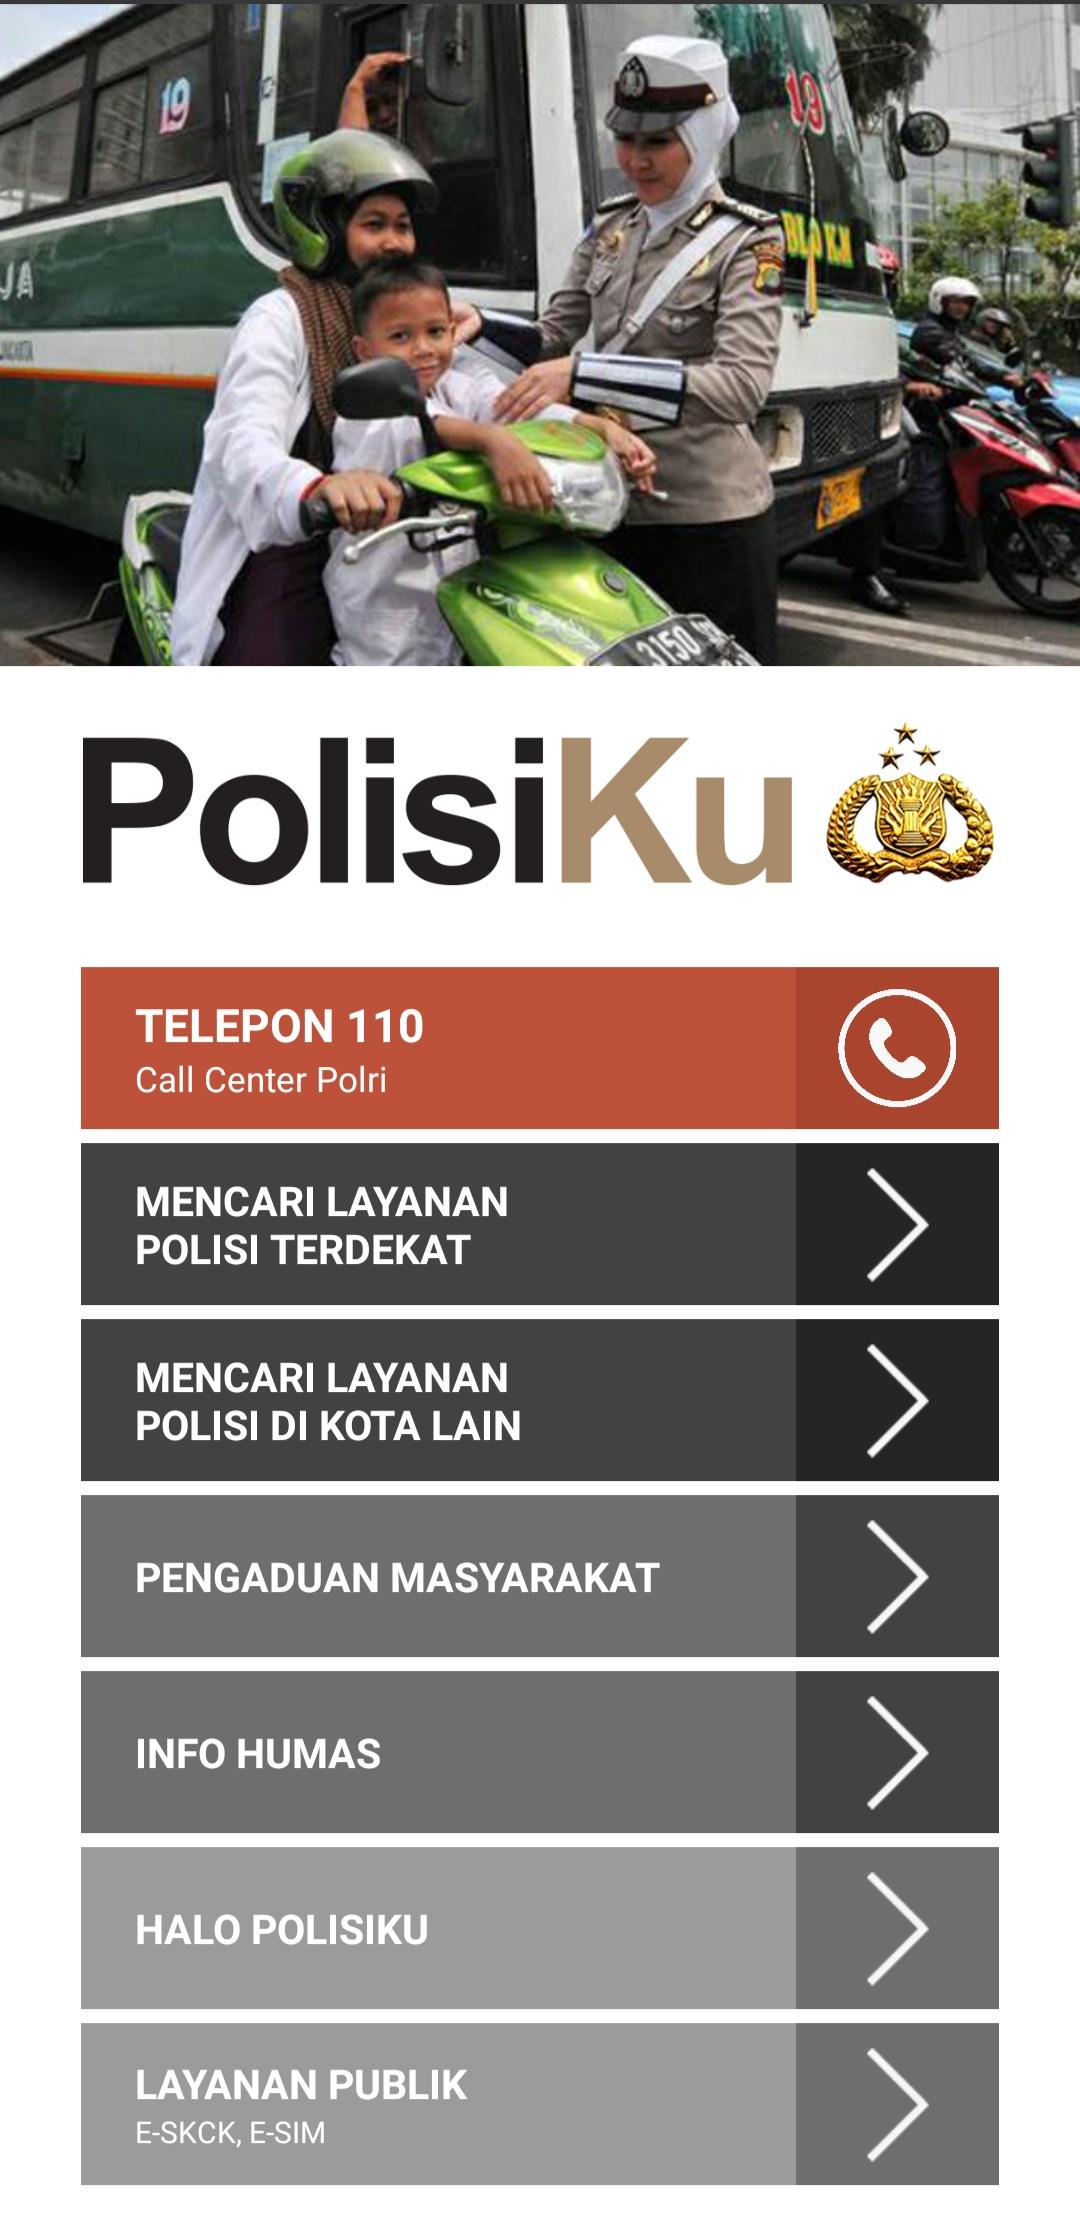 Aplikasi Polisiku 2